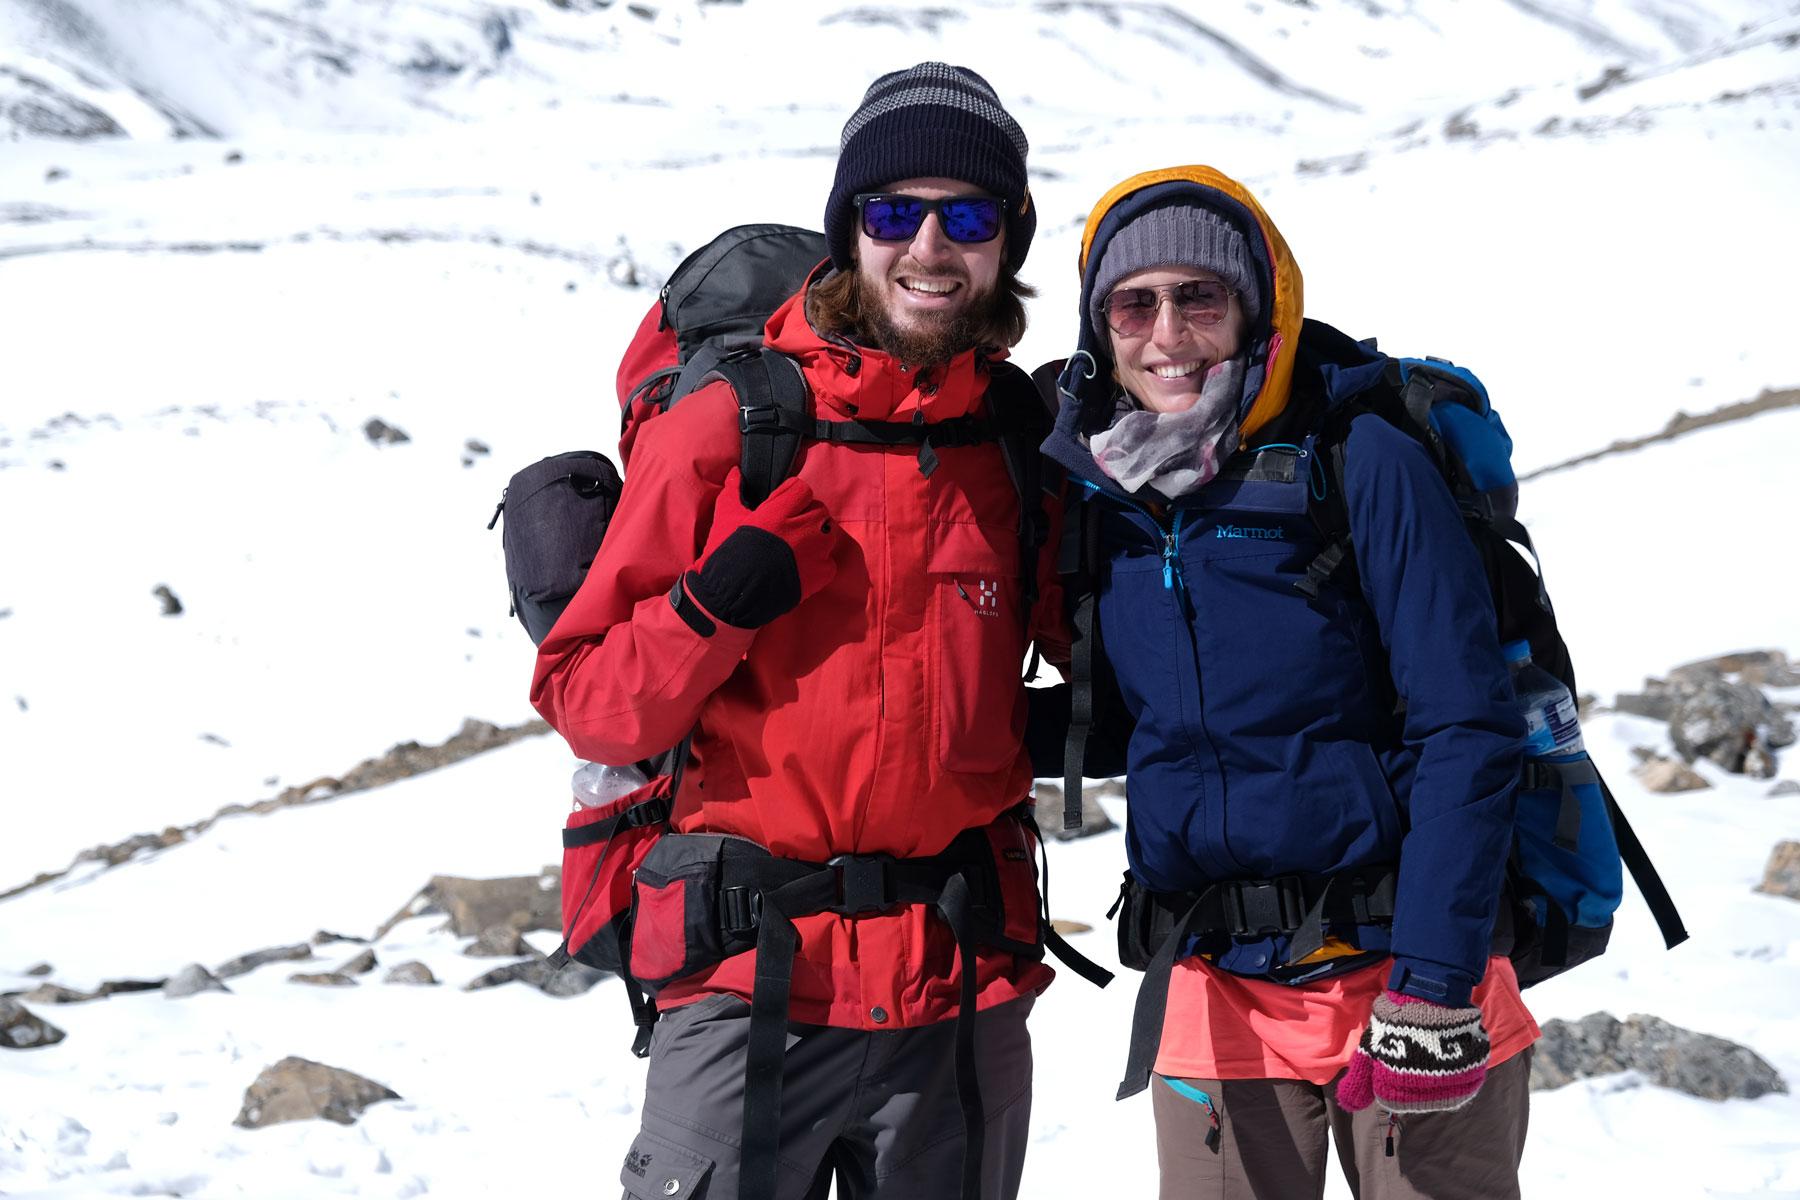 Sebastian und Leo mit Winterklamotten auf dem Annapurna Circuit.